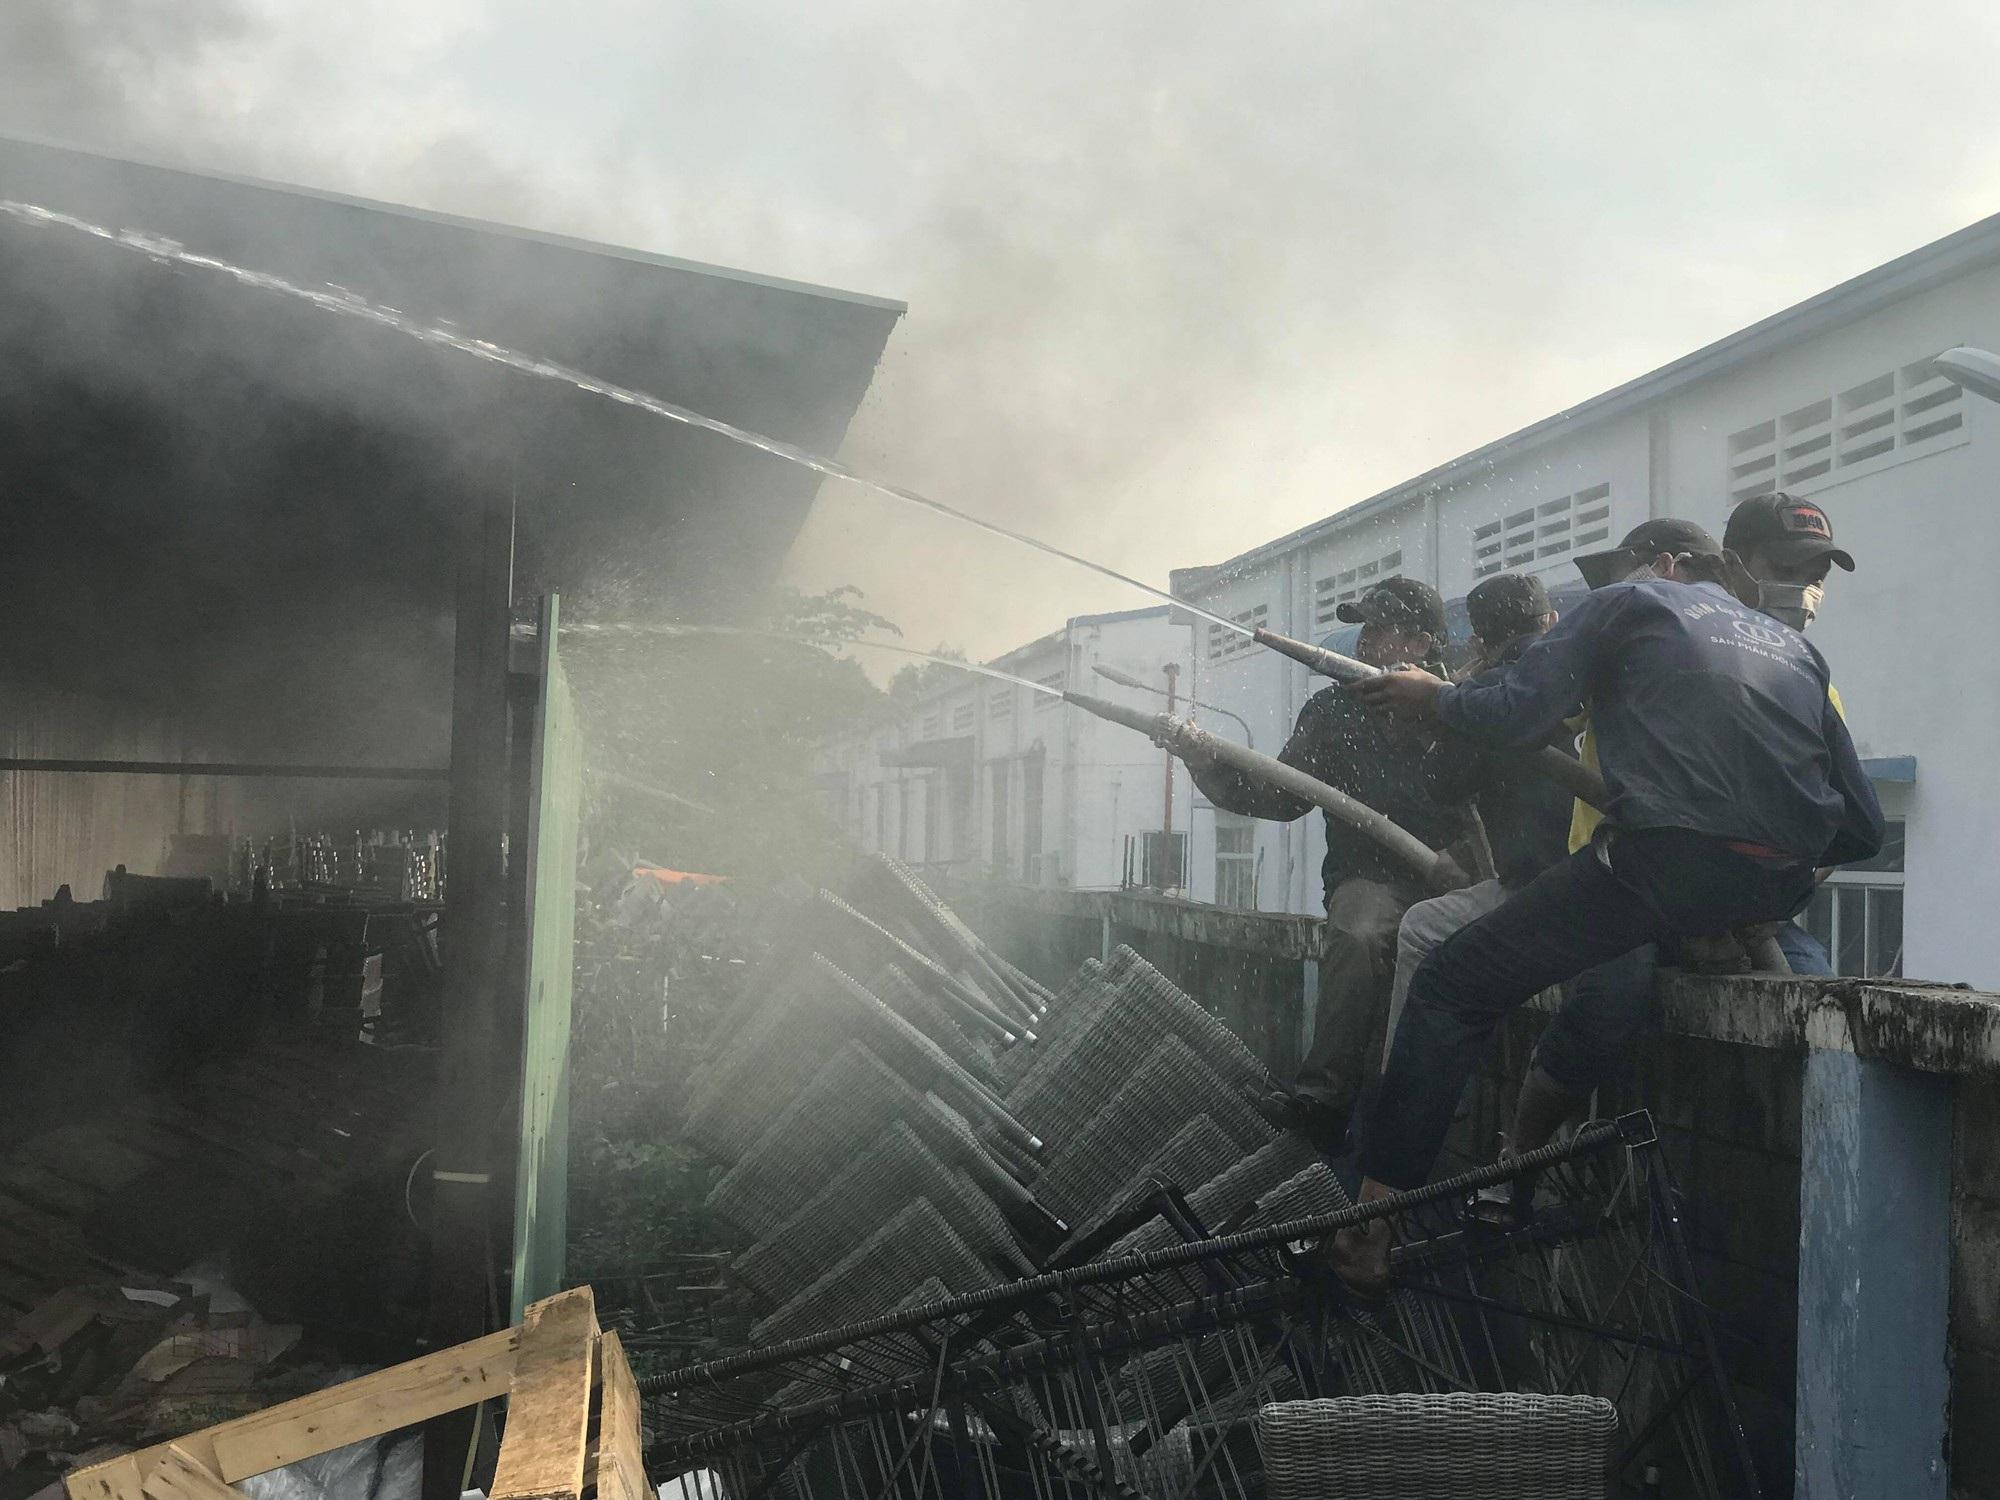 Hàng trăm chiến sĩ chữa cháy được huy động đến dập lửa